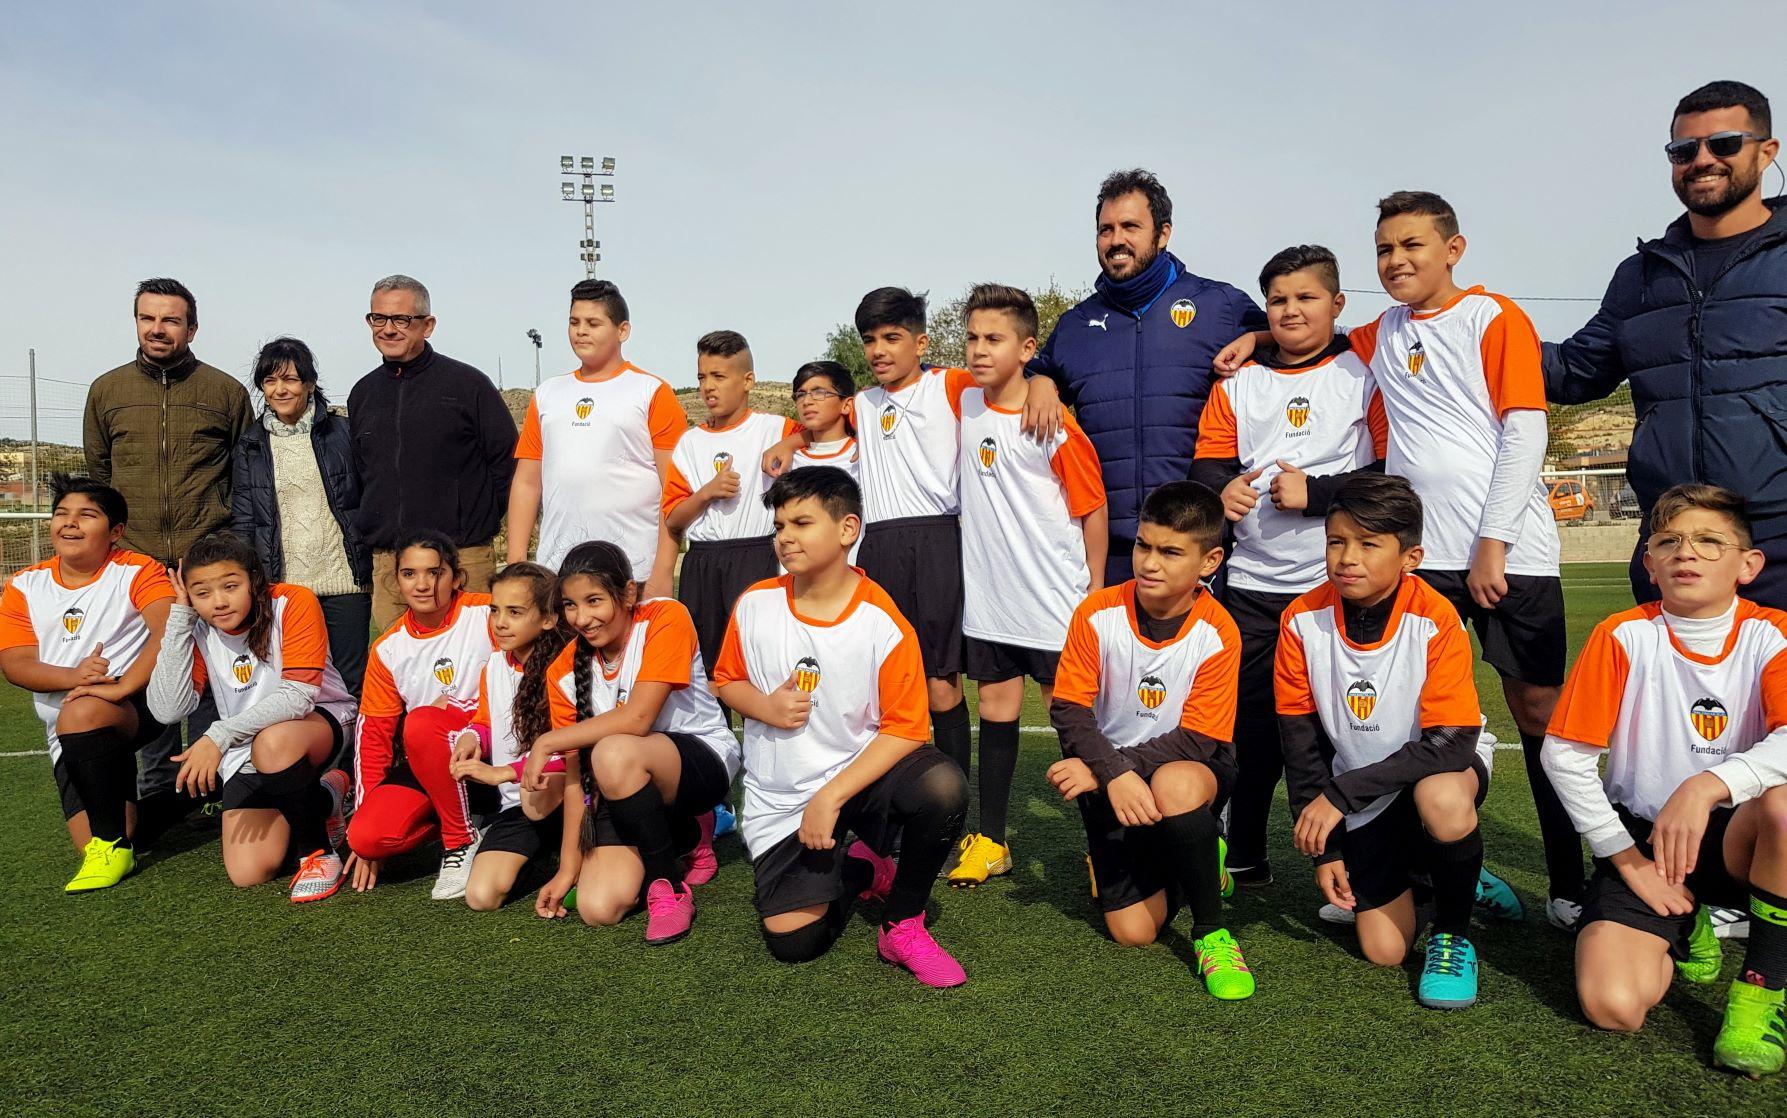 El Ayuntamiento de Elda y el C.P. Virgen de la Salud participan en un programa de la Fundación Valencia C.F. contra el absentismo escolar